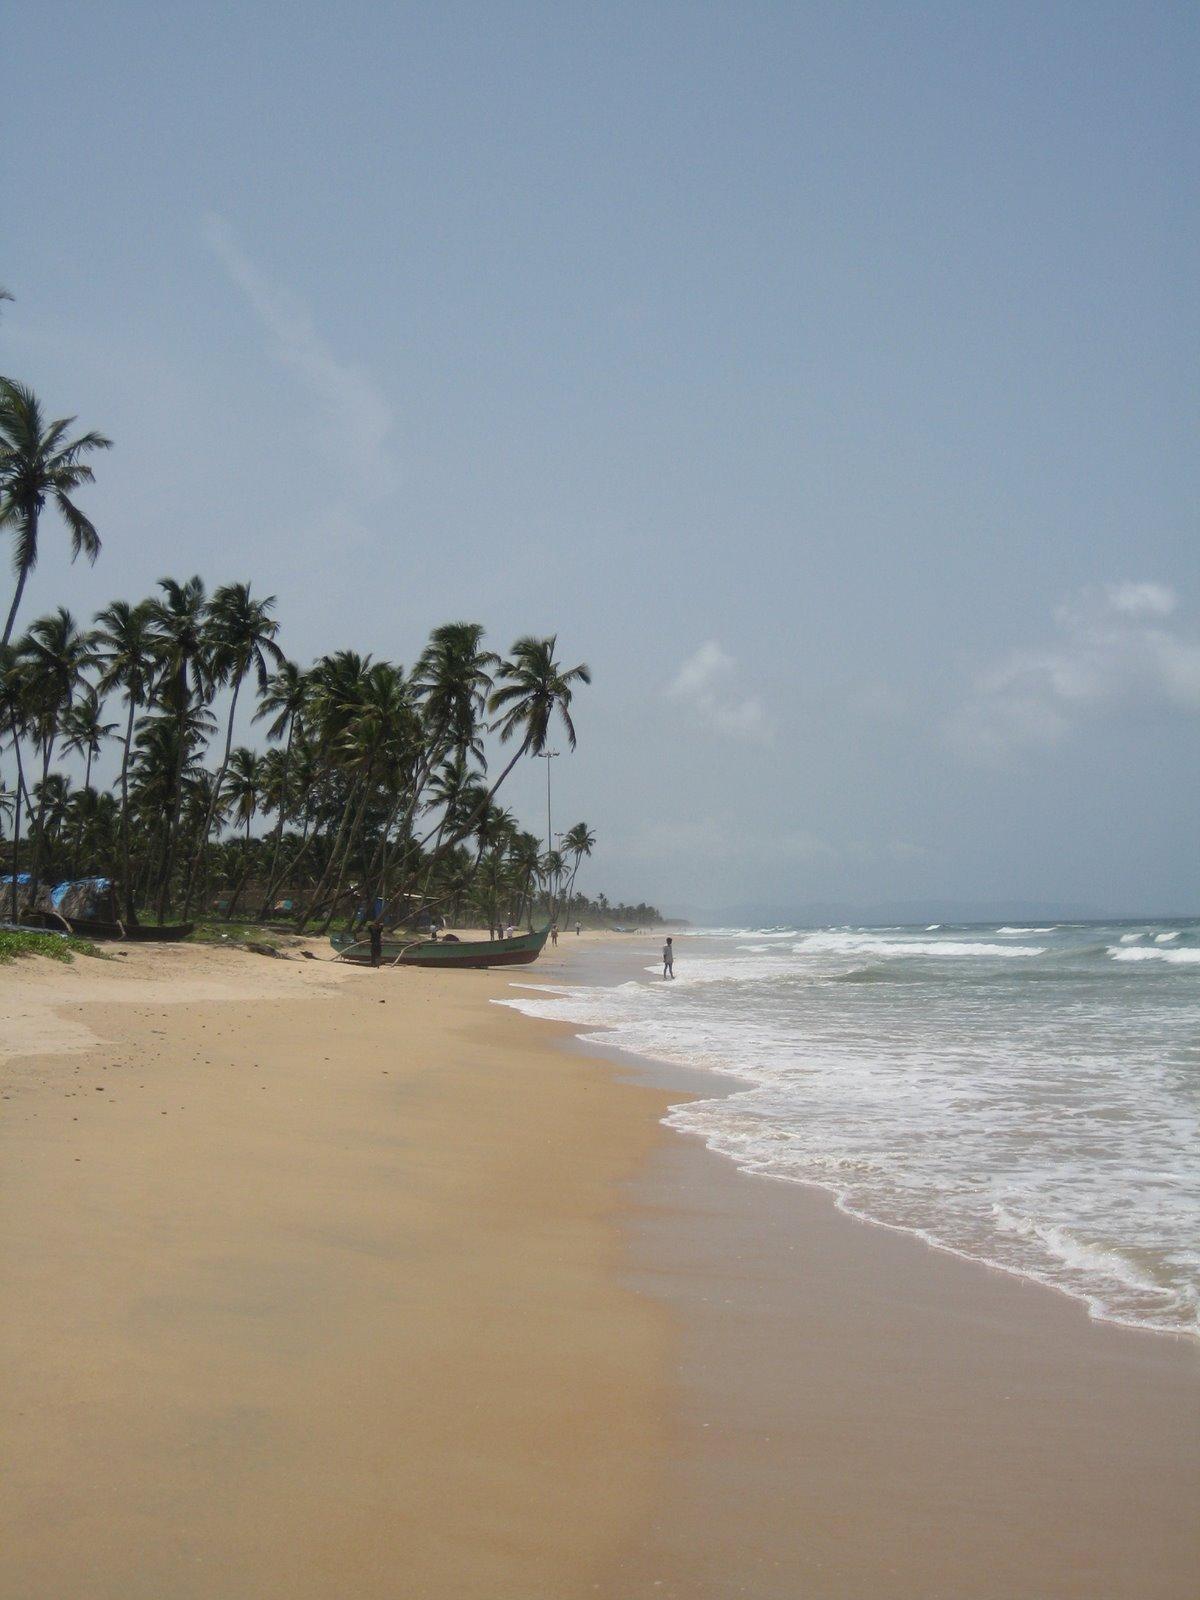 [Goa+Beach+]